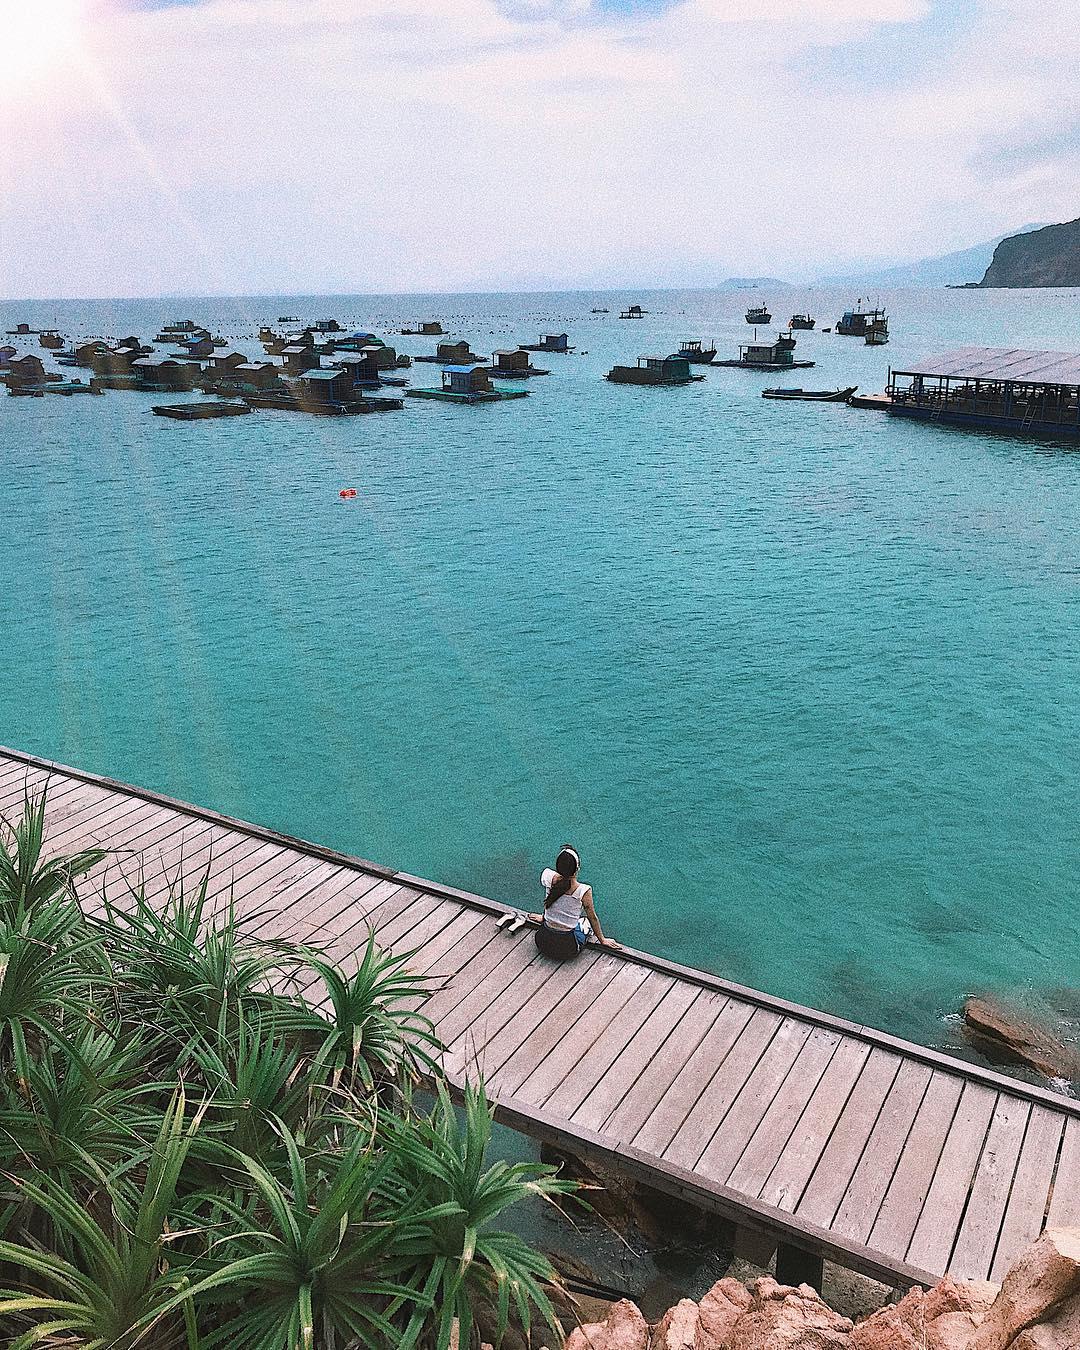 Du lịch Hòn khô Quy Nhơn - Khám phá 1 vẻ đẹp hoang sơ lạ kỳ